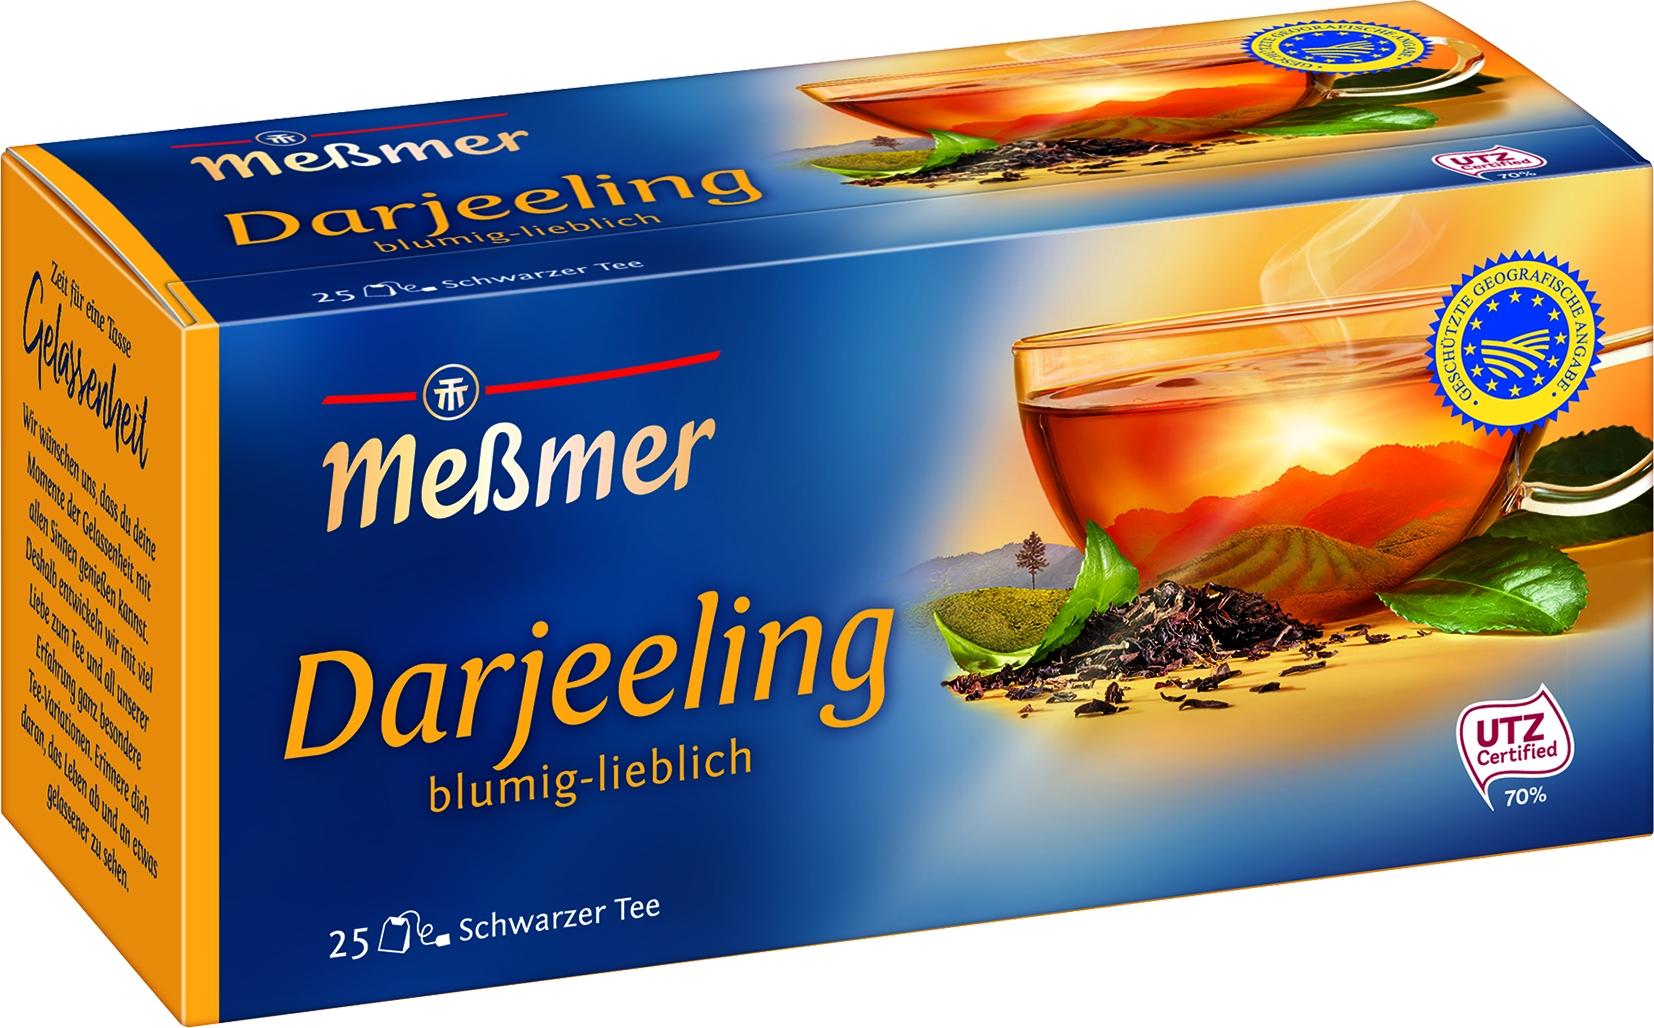 Darjeeling 25 x 1,75 gr